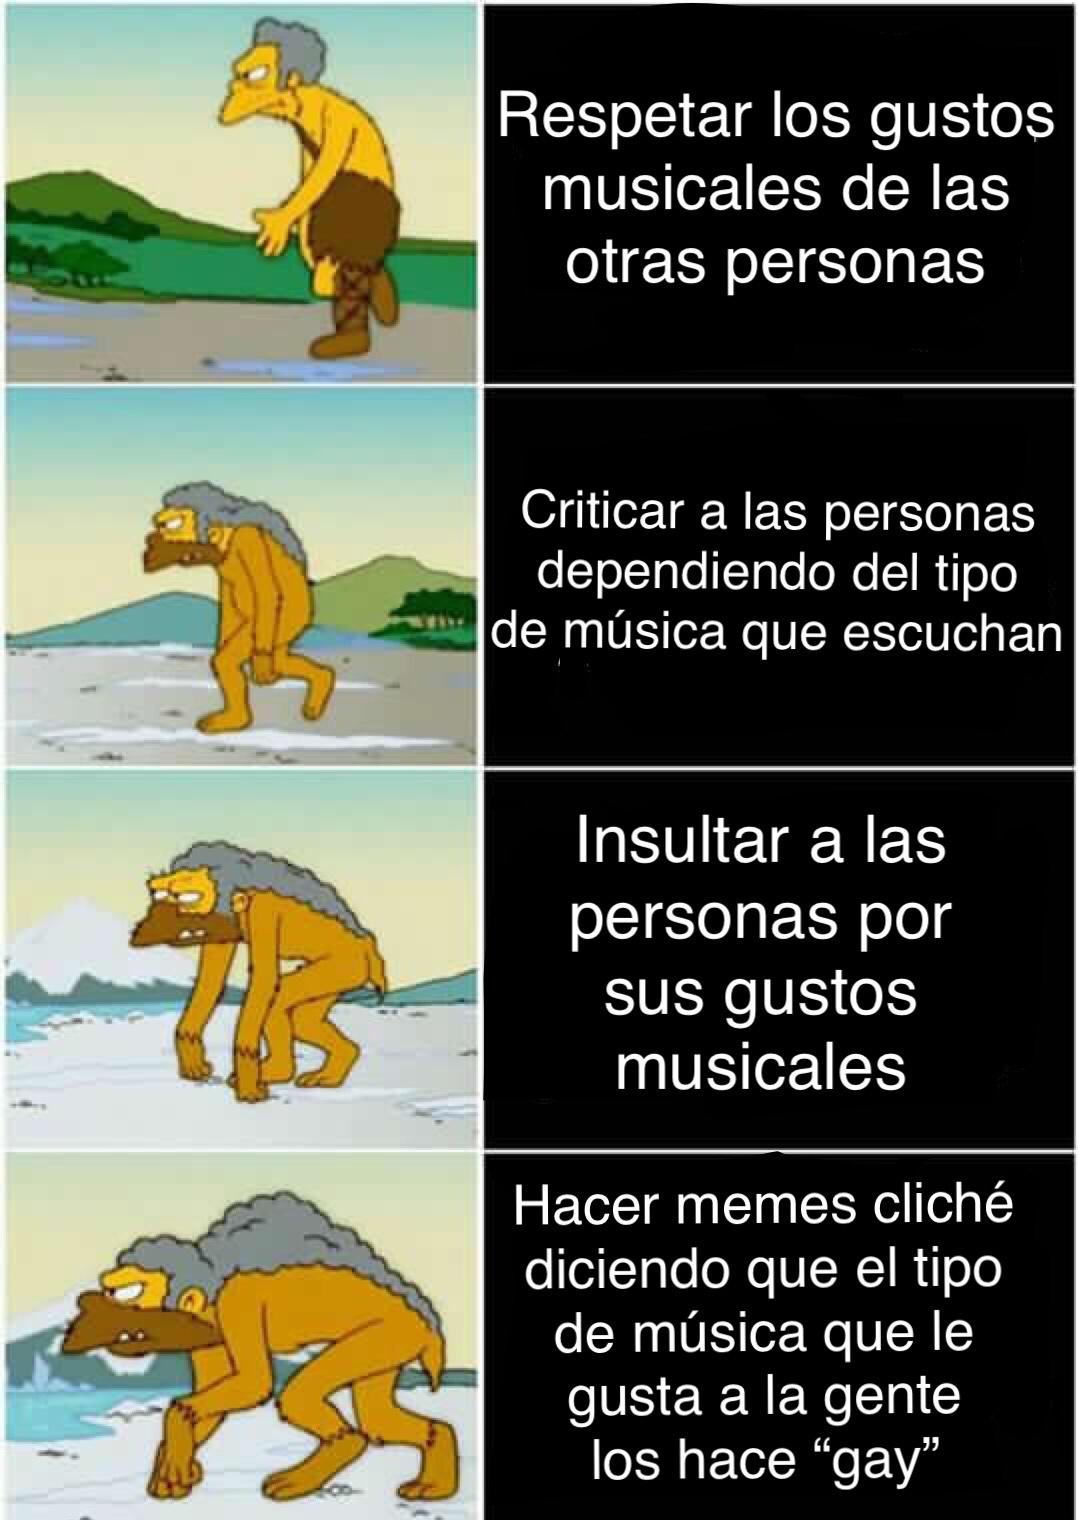 Evolución reversa de Moe - meme